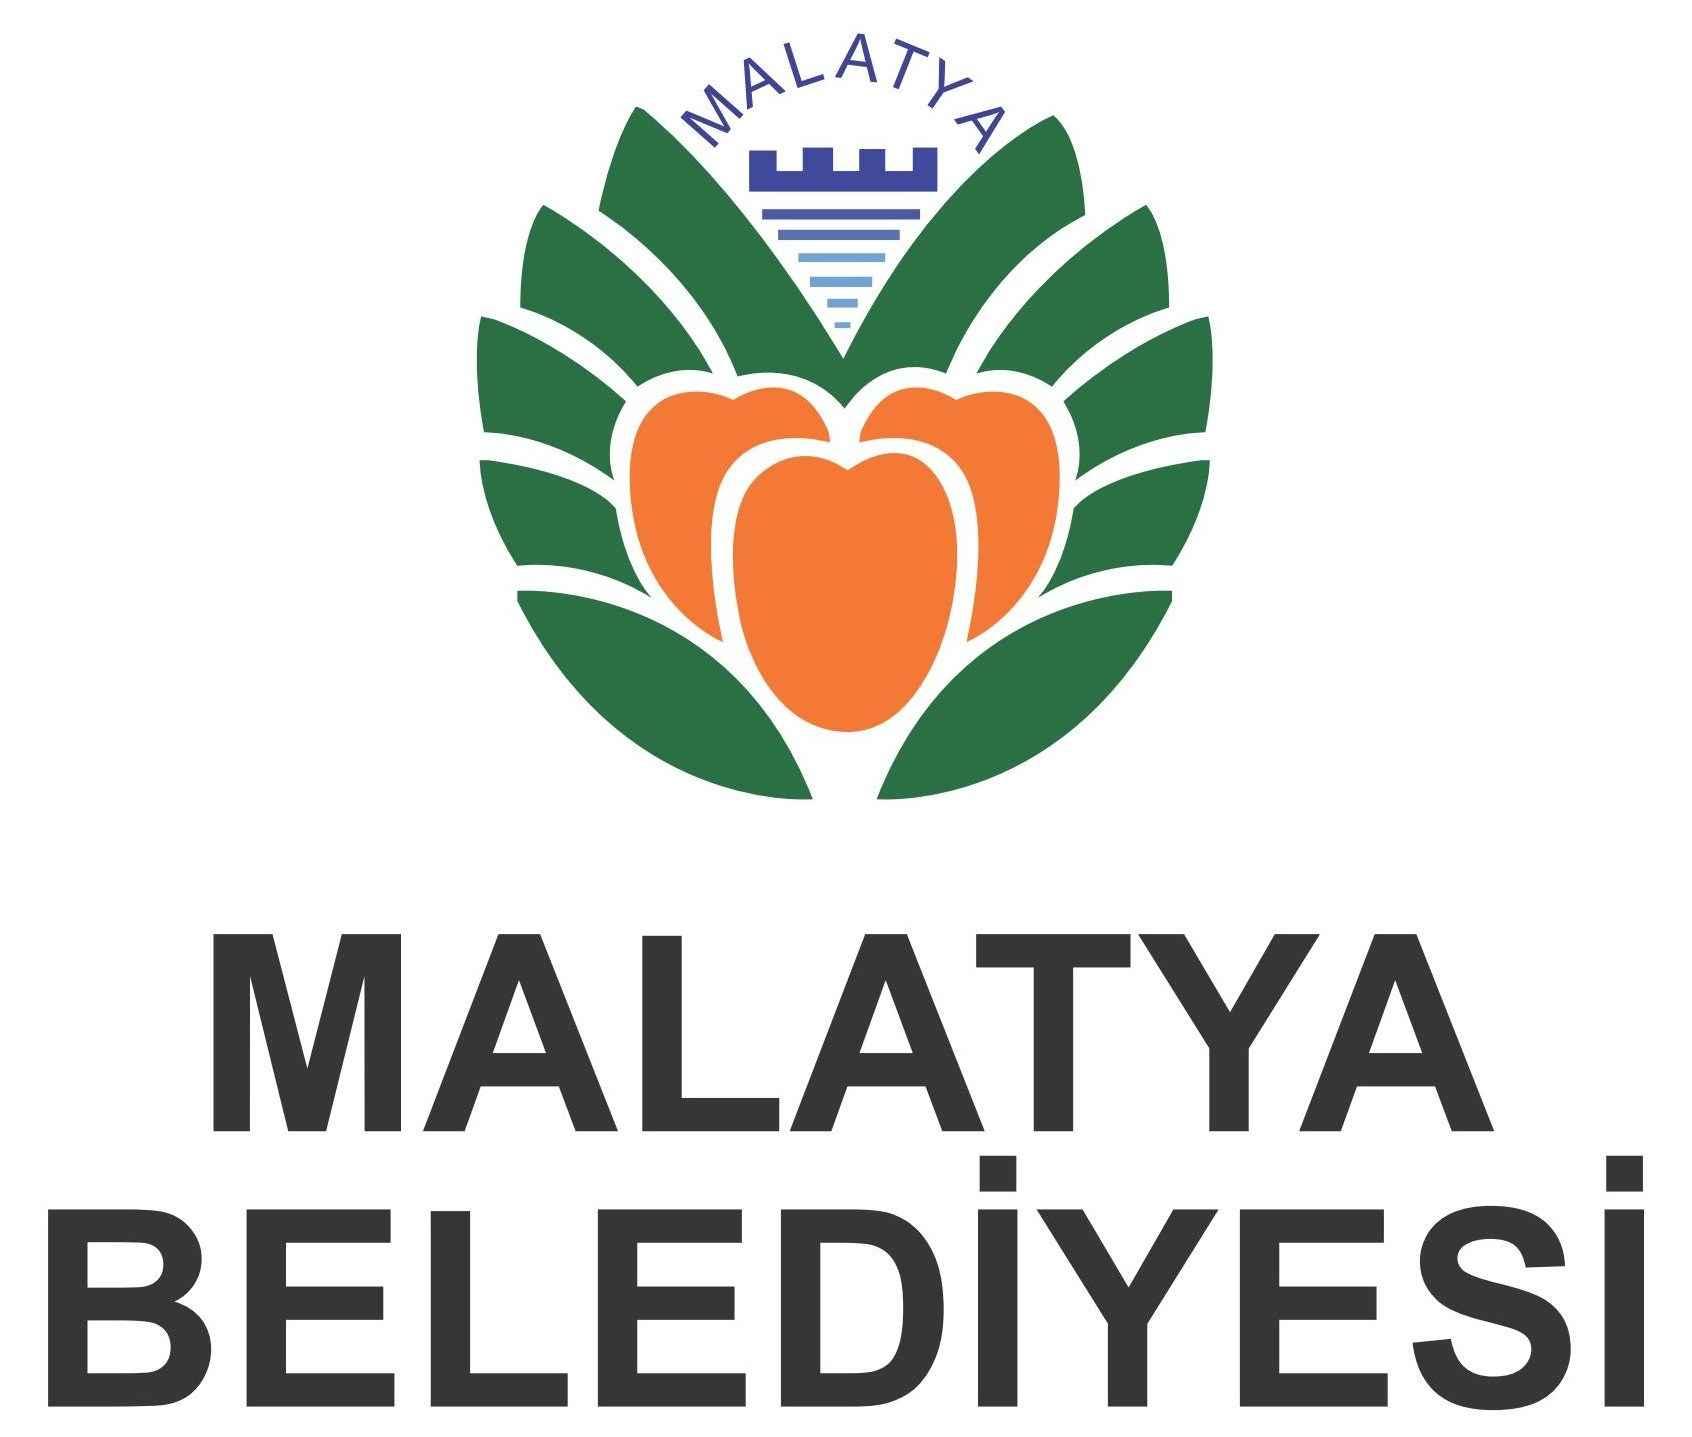 malatya belediyesi logo